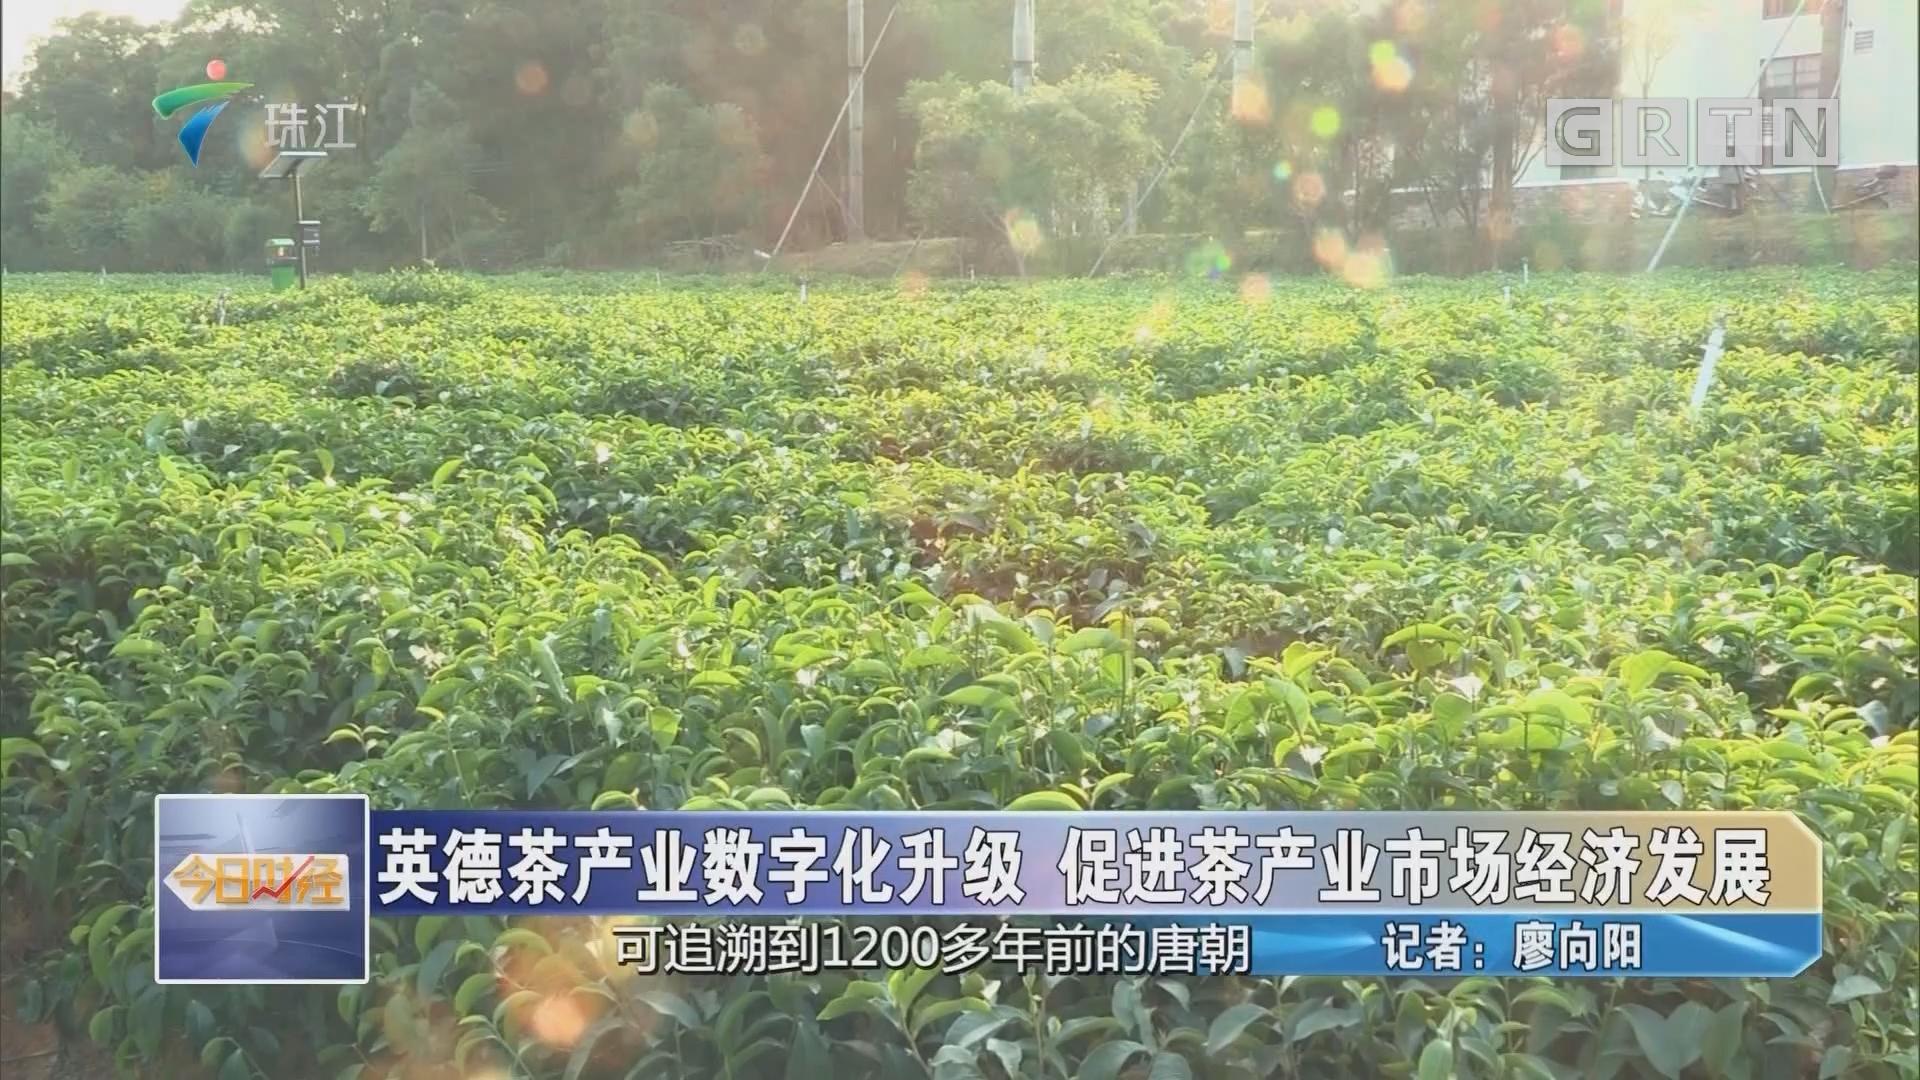 英德茶產業數字化升級 促進茶產業市場經濟發展